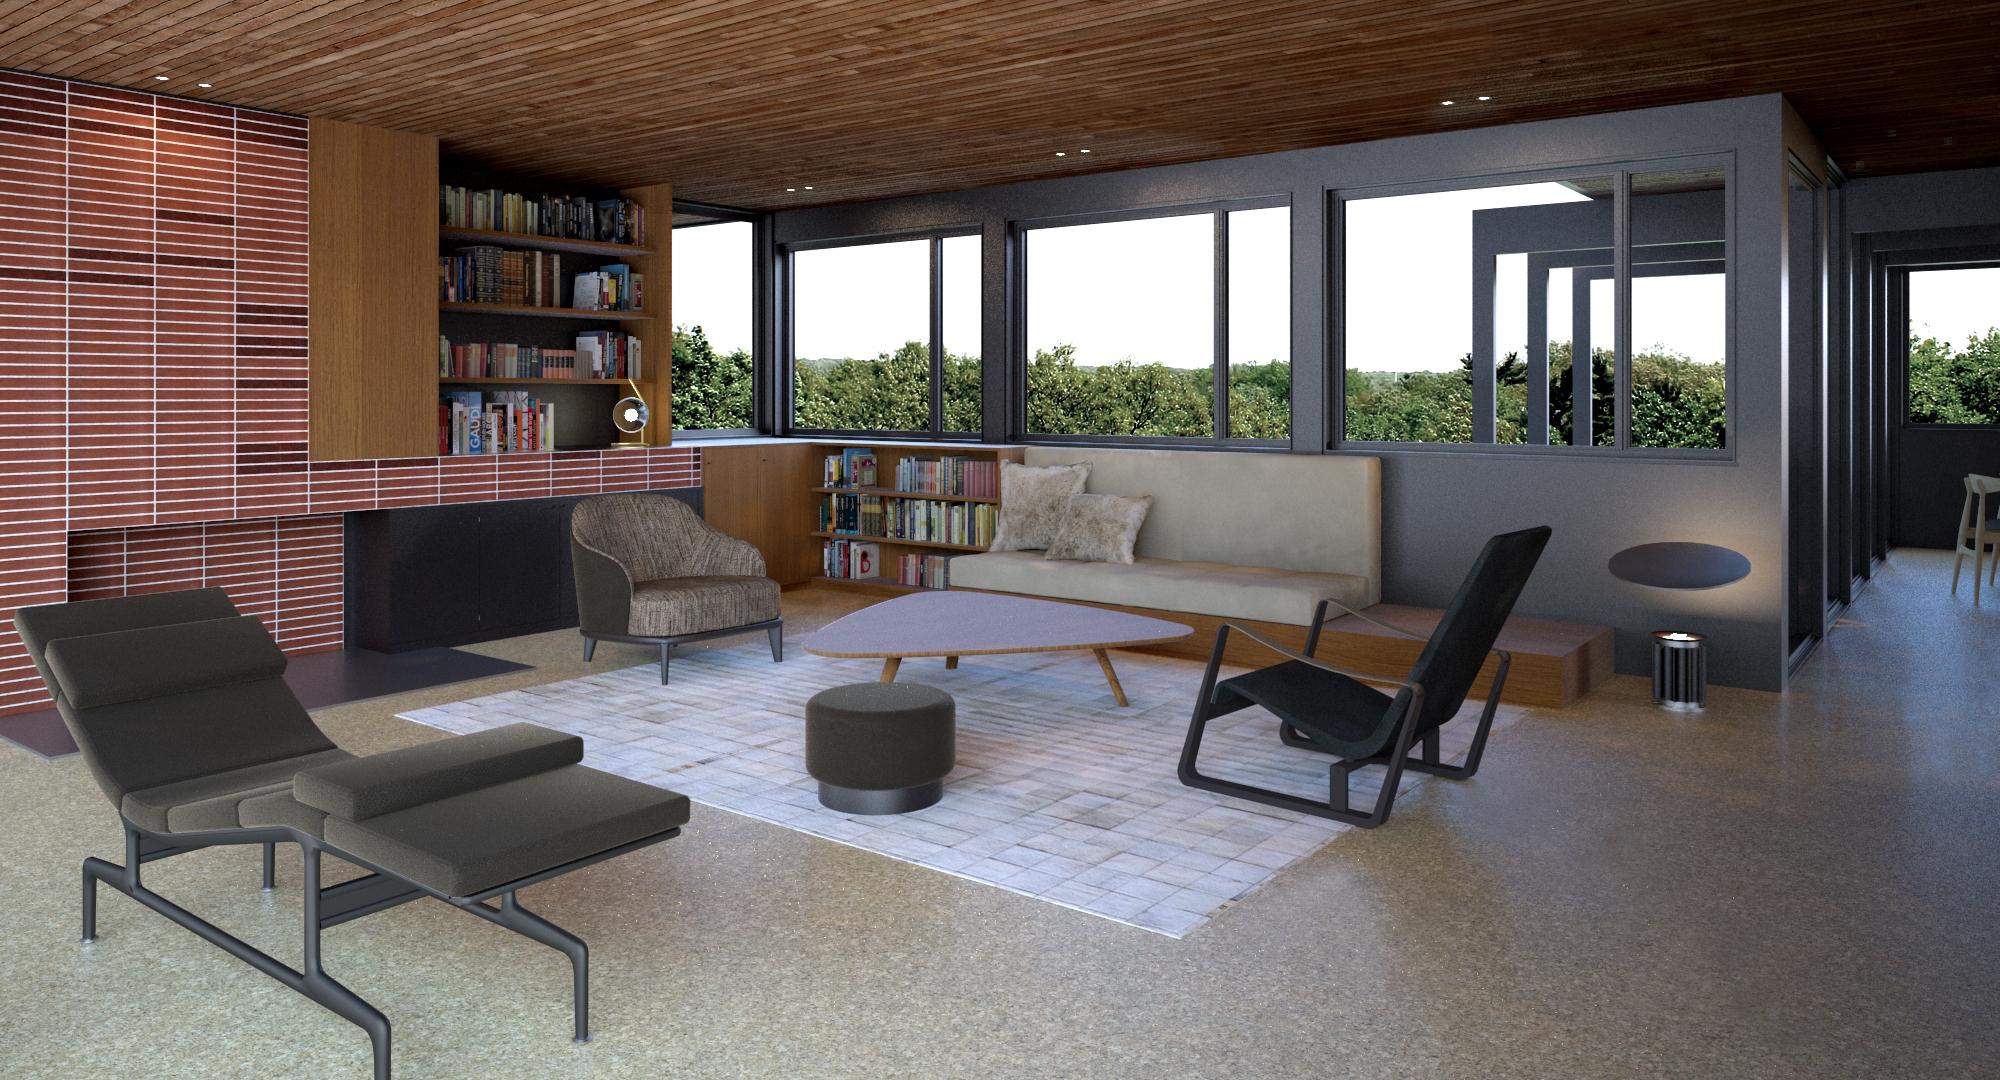 HN_161219_Living Room 4.jpg